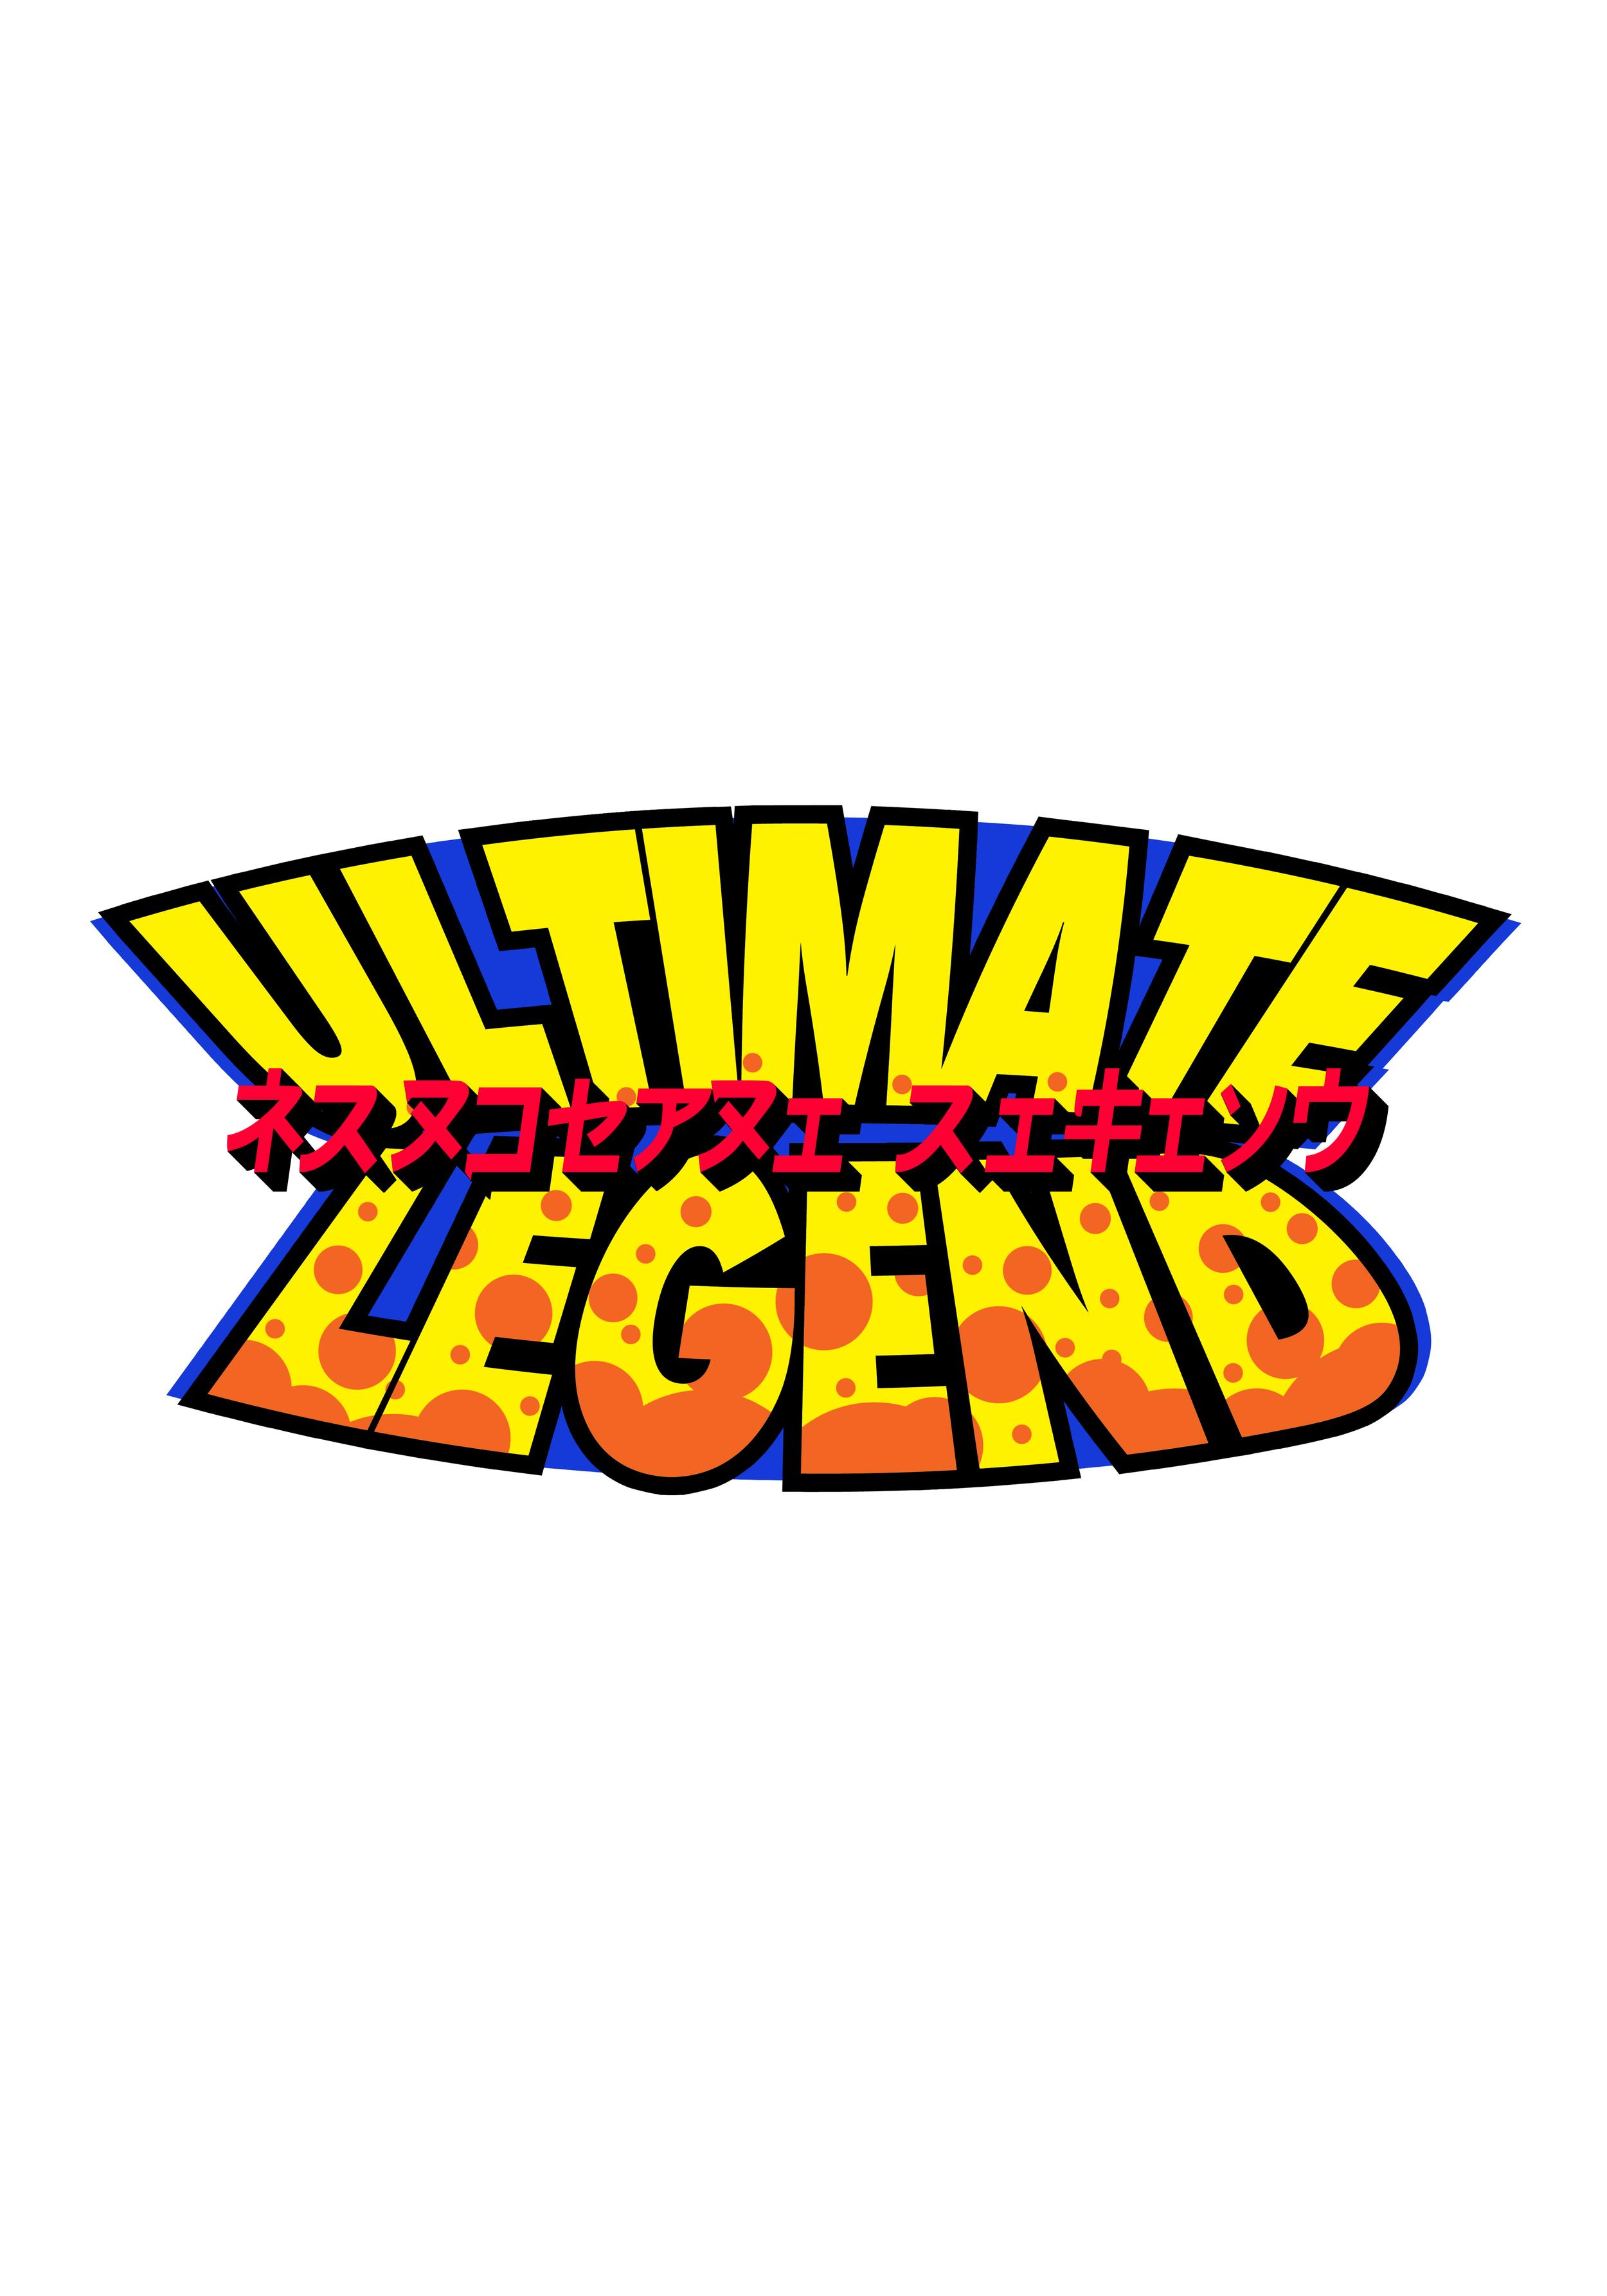 Ultimate Legend